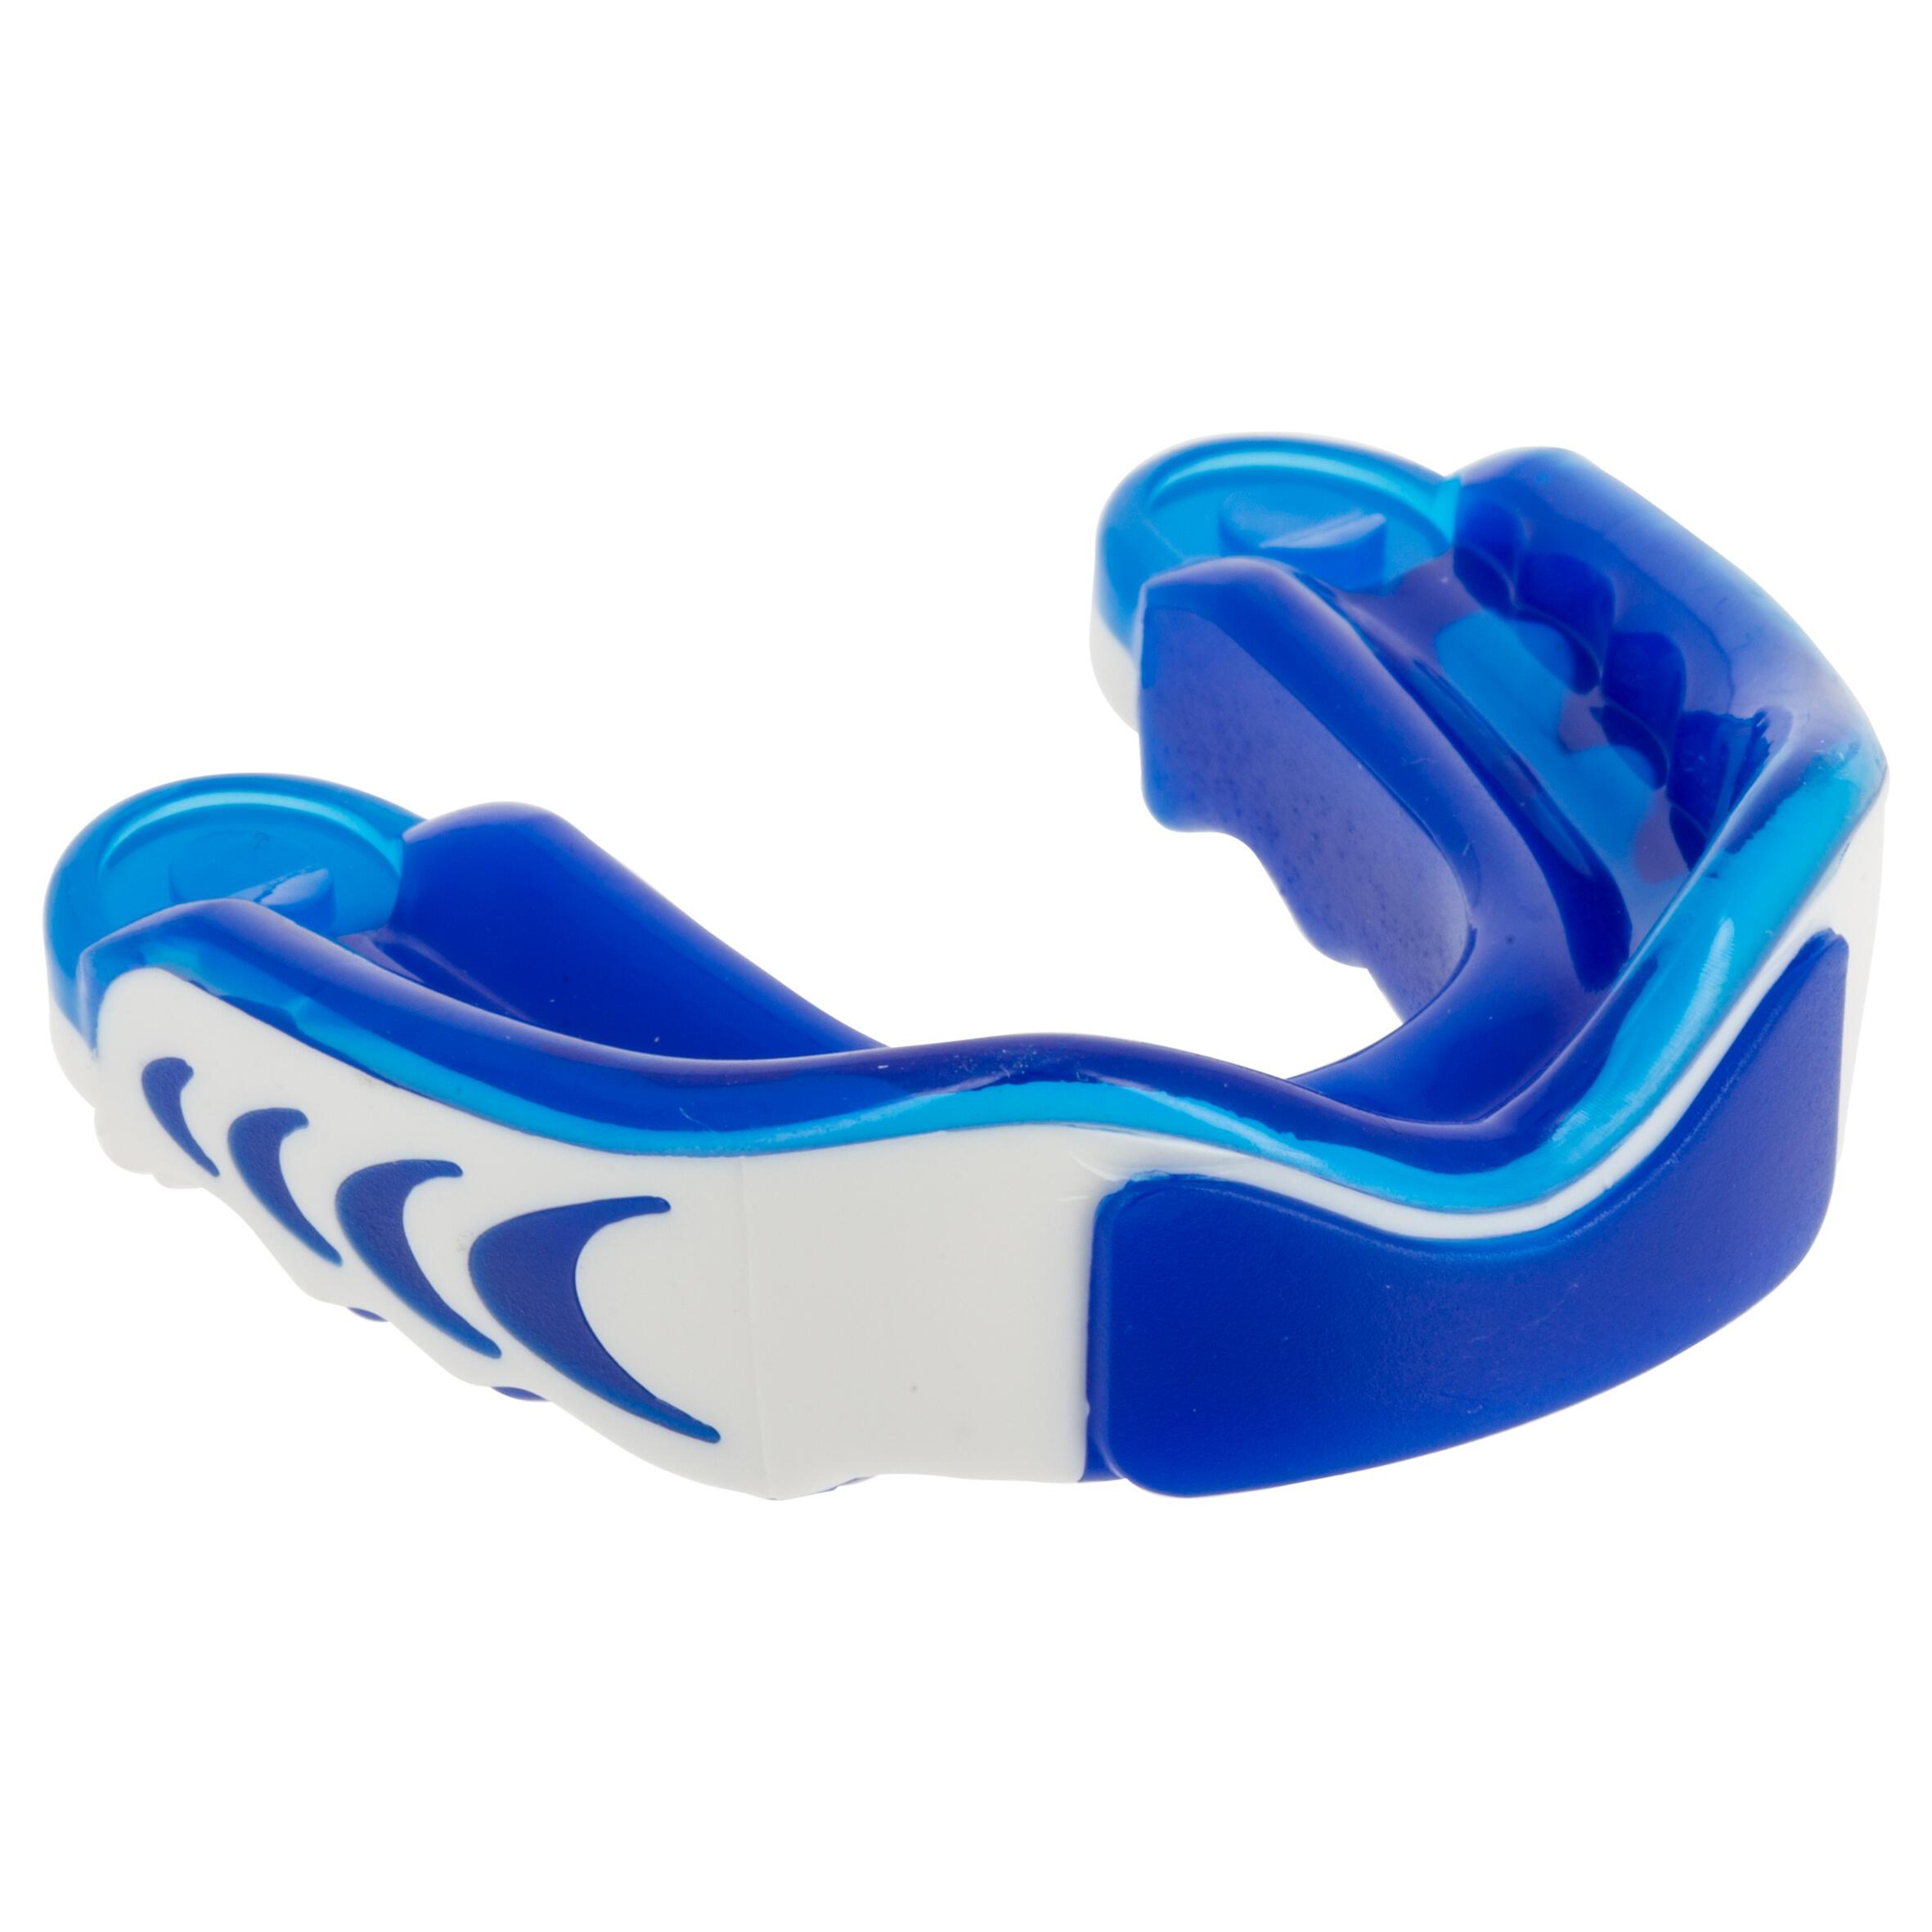 Protecţie Dentară 3DY imagine